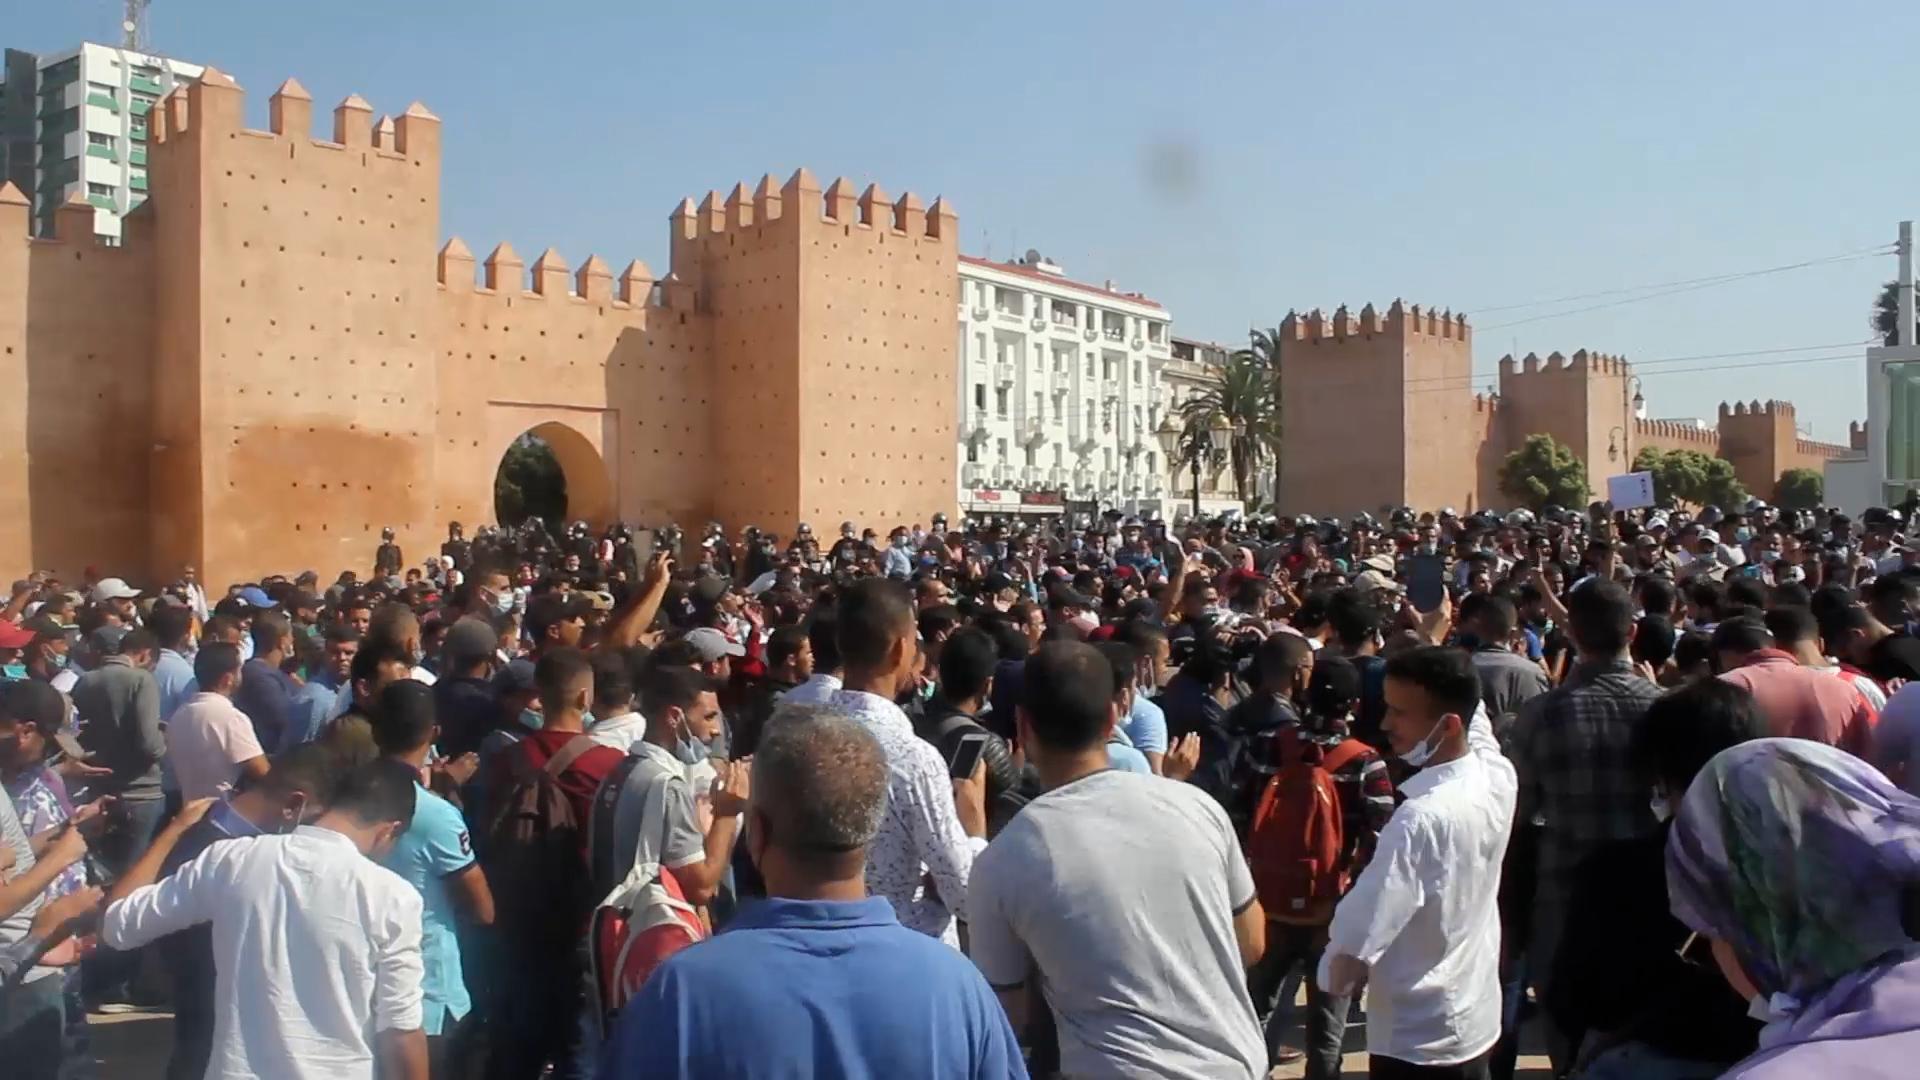 الأساتذة المتعاقدون يعودون للاحتجاج و السلطات تتدخل لمنعهم(فيديو)